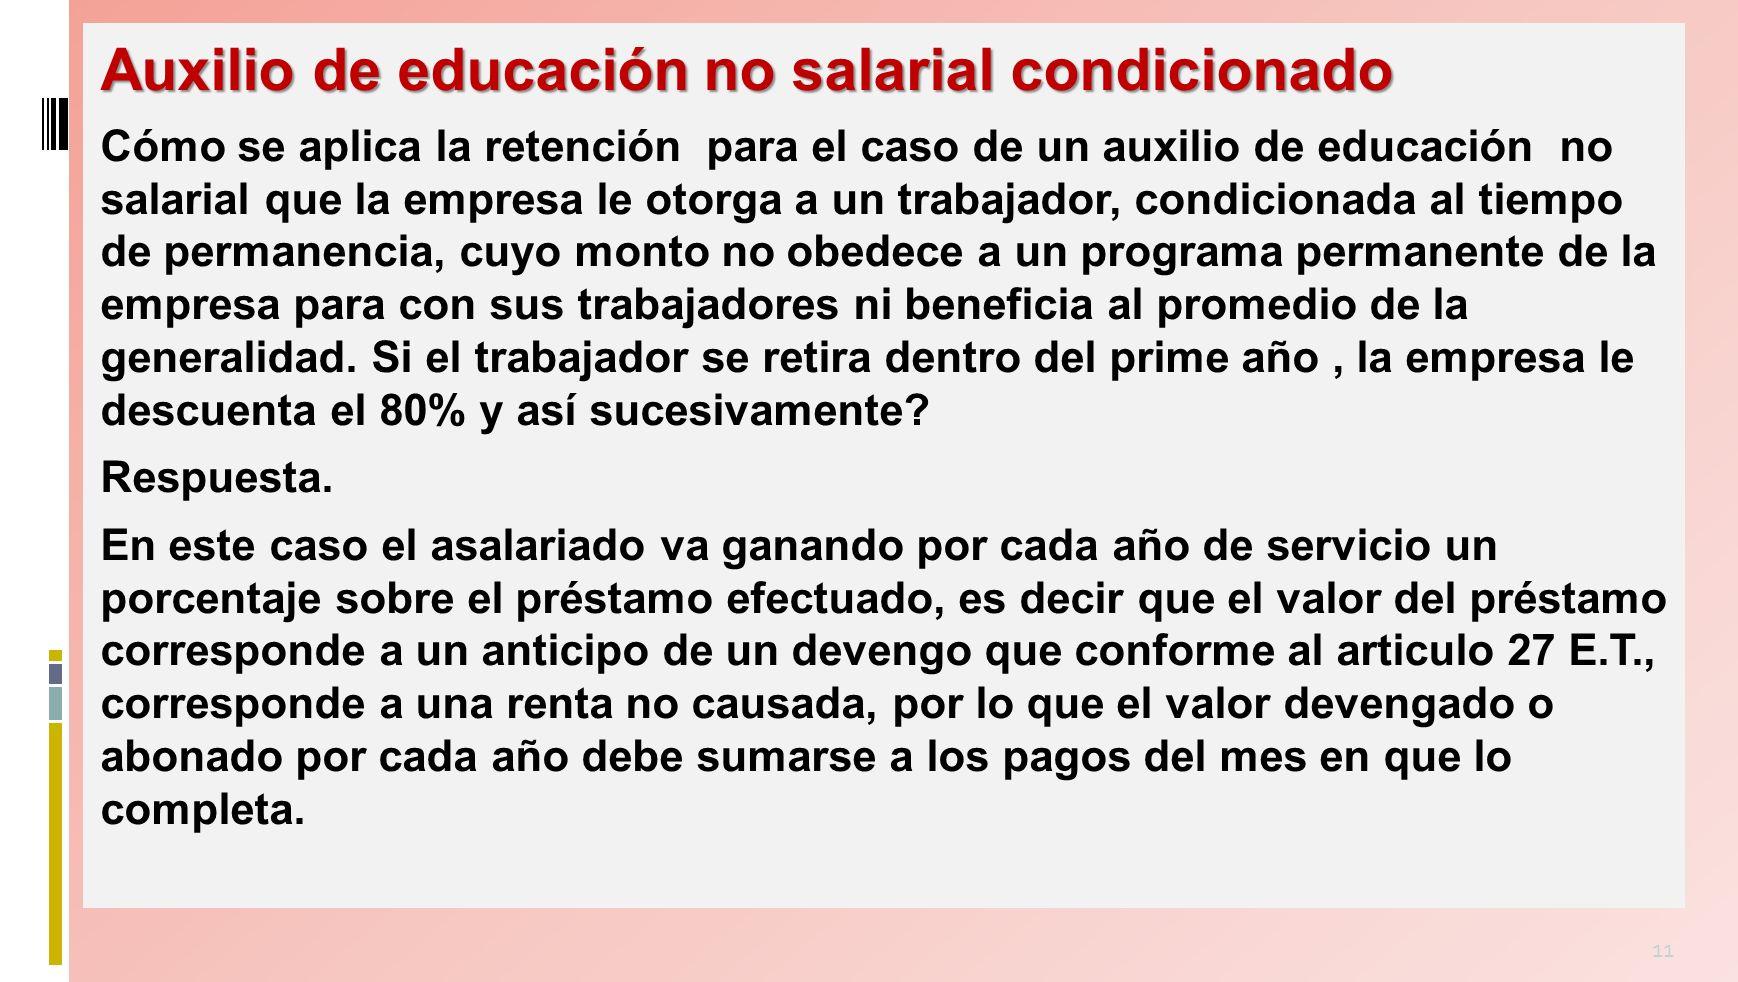 Auxilio de educación no salarial condicionado